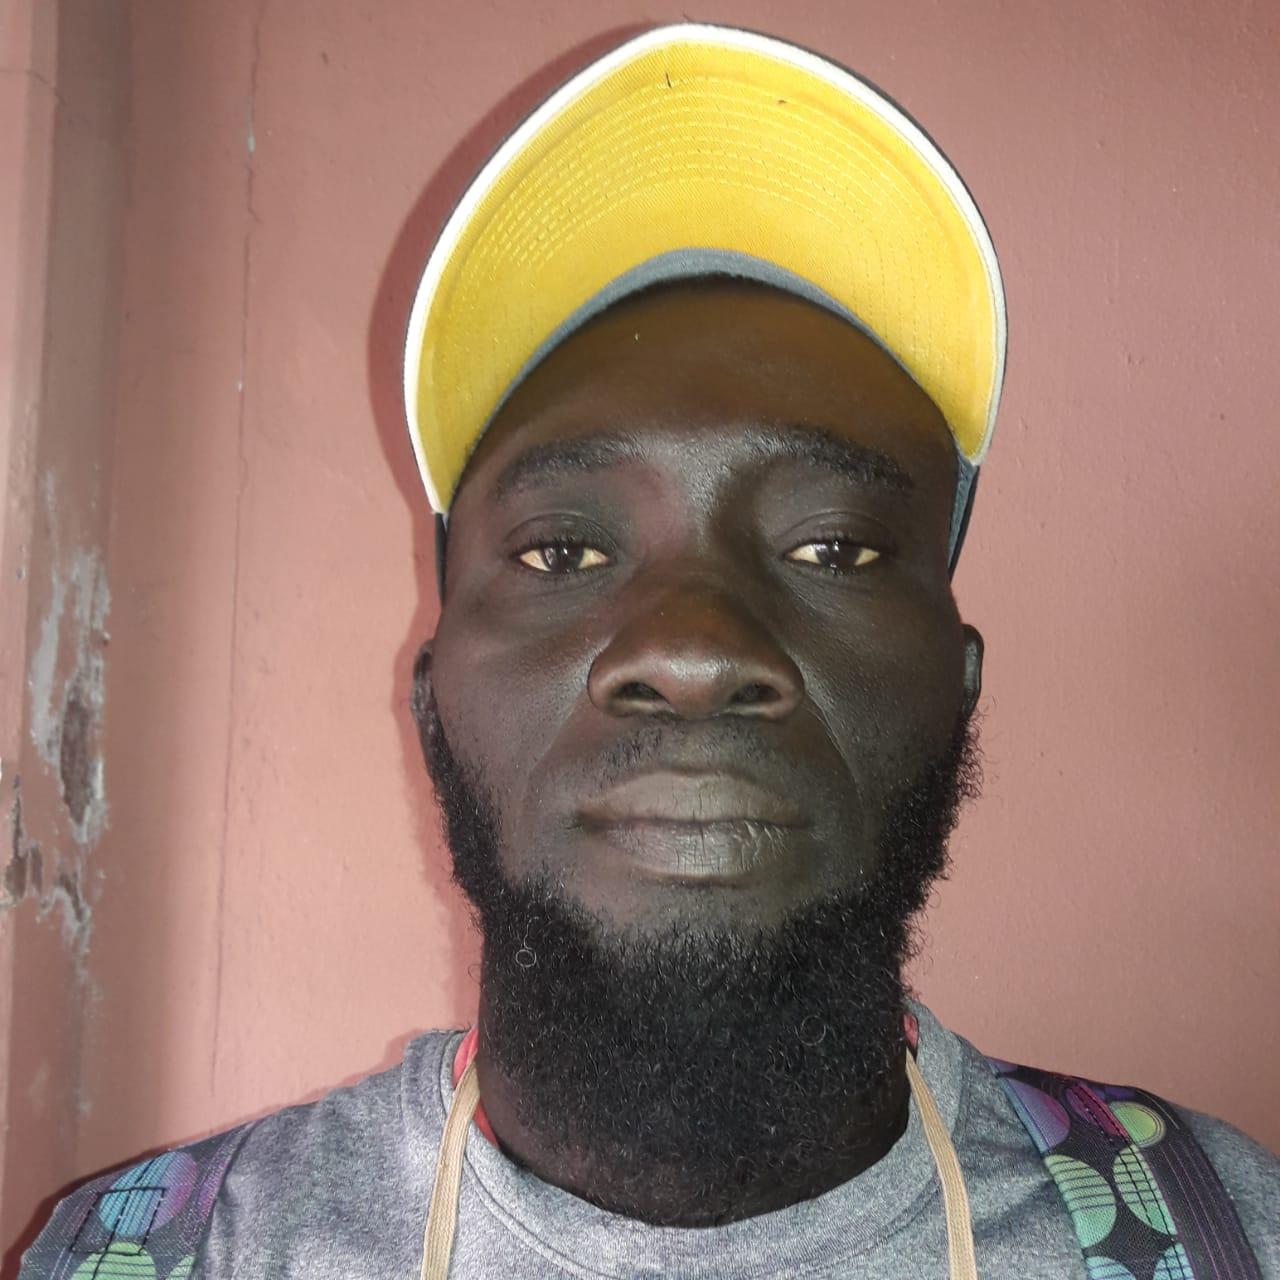 Trinité et Tobago : au bord de la démence, El Hadj Abass Gassama réitère son vœu de rentrer au Sénégal.